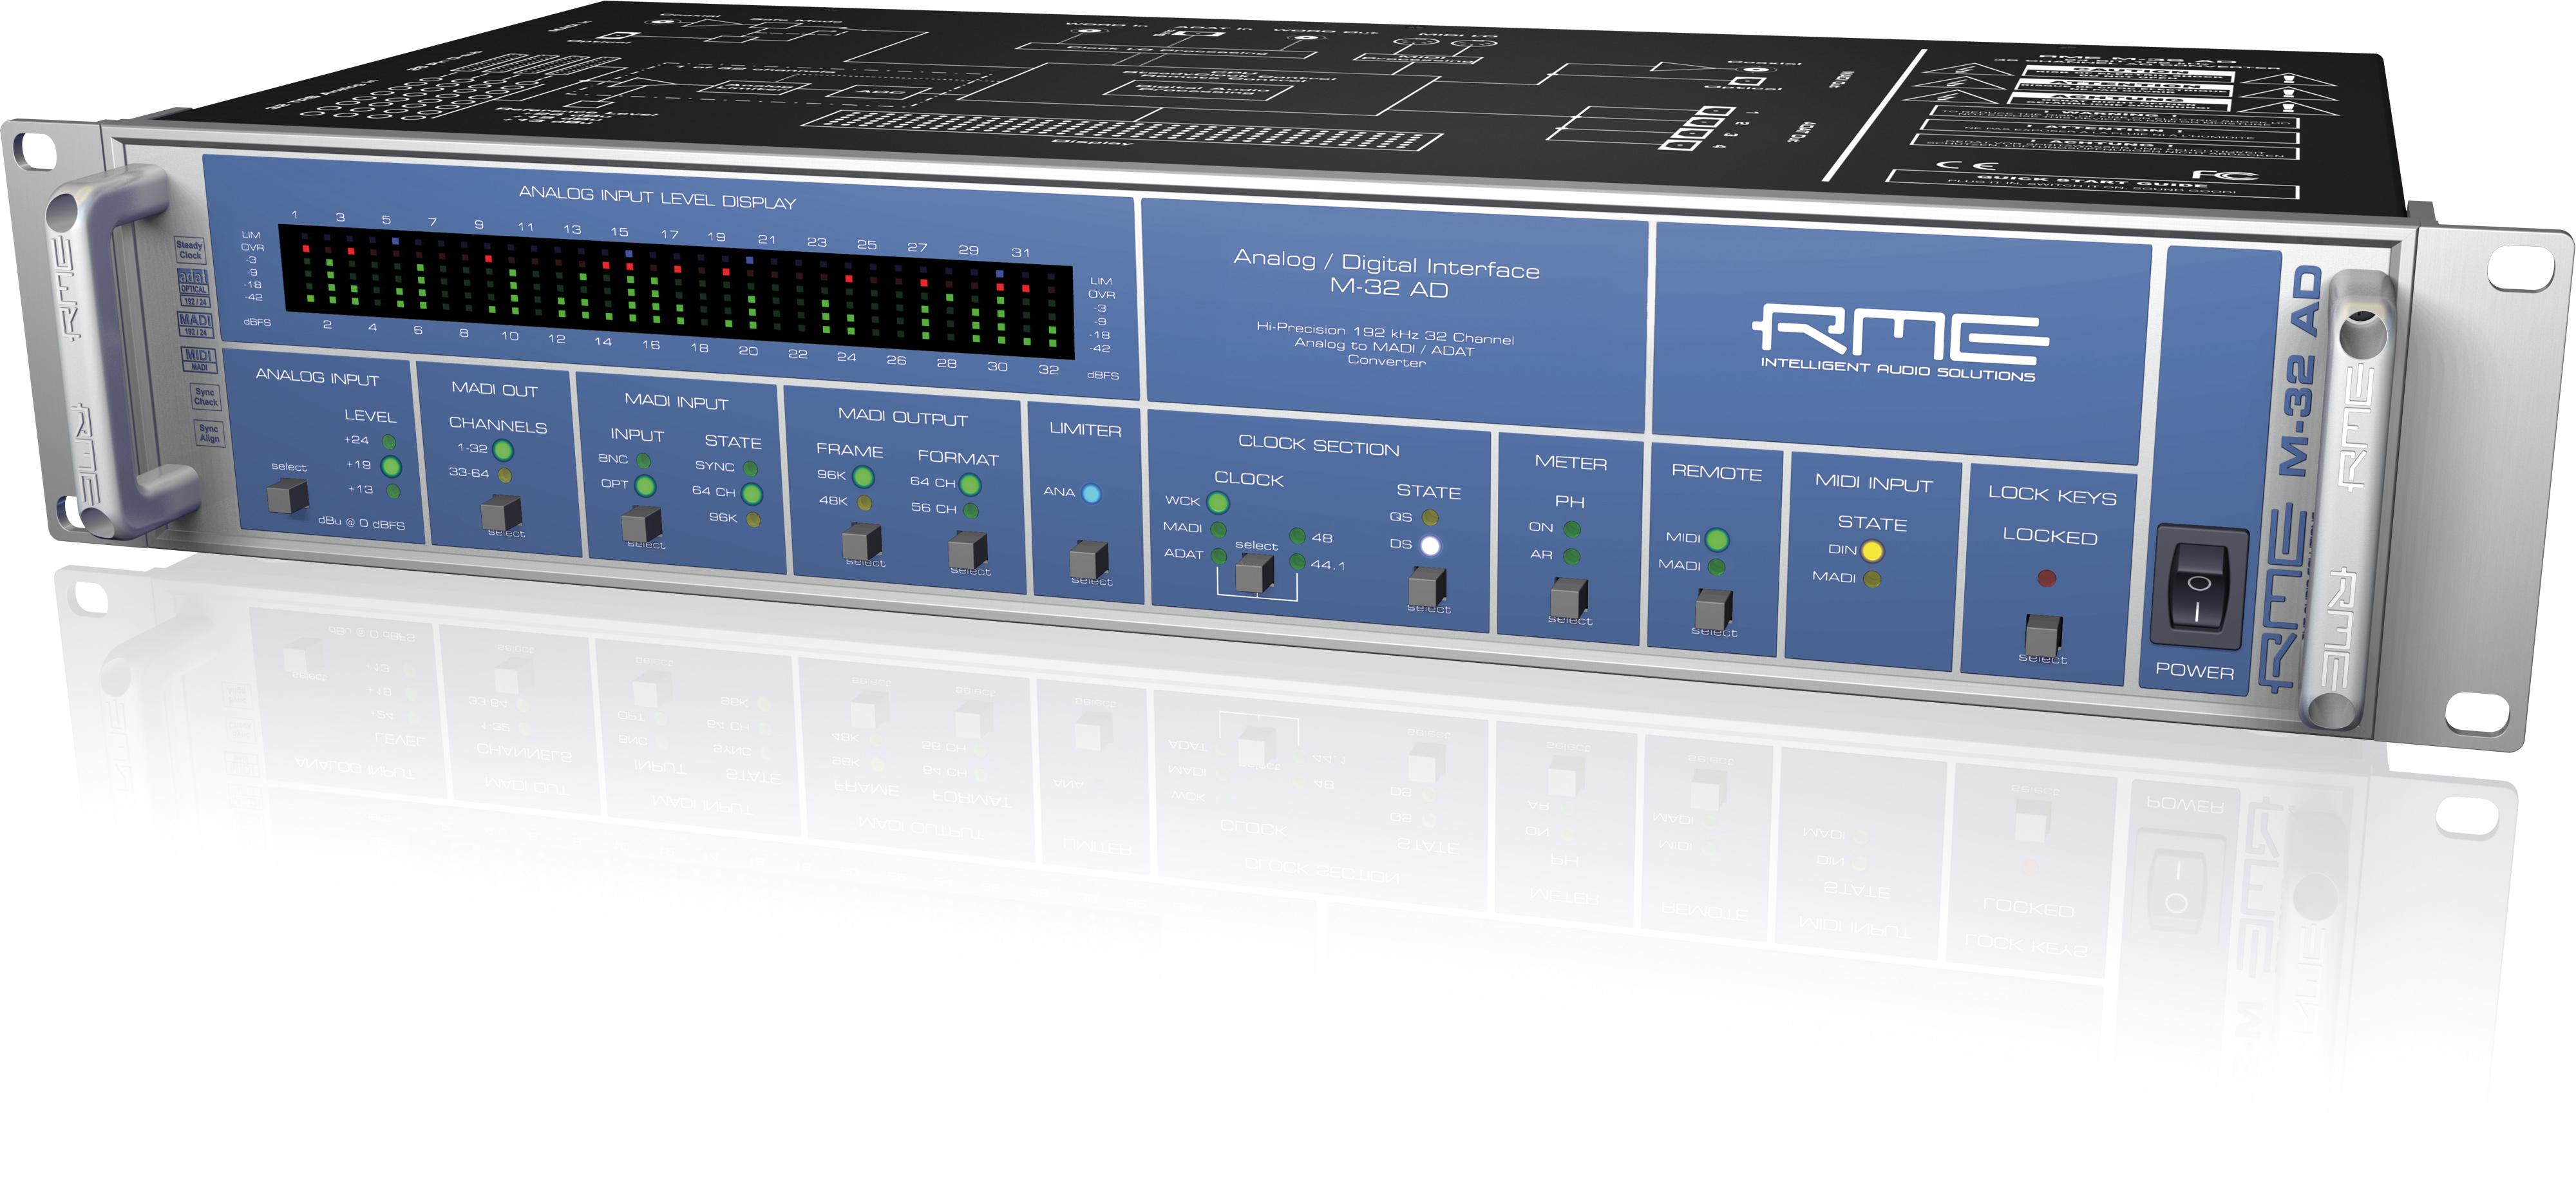 RME: M-32 AD